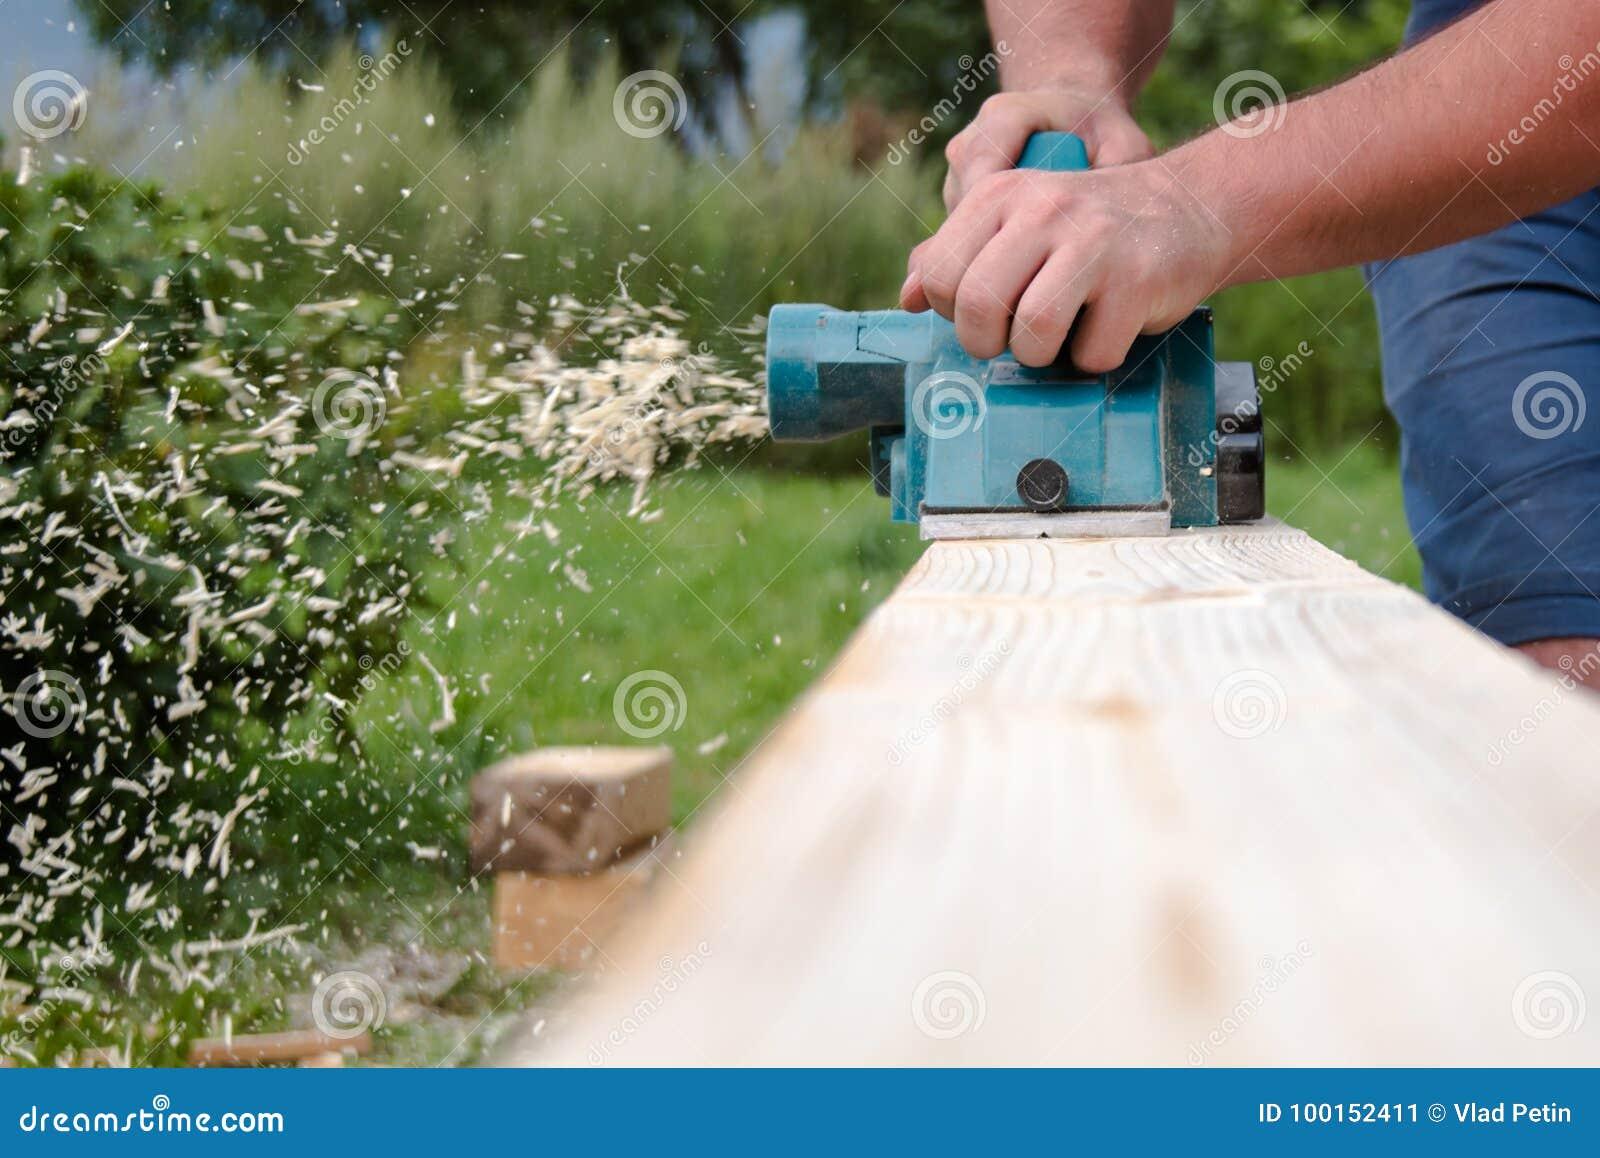 Sluit omhoog handen van timmerman die met elektrische planer aan houten plank werkt